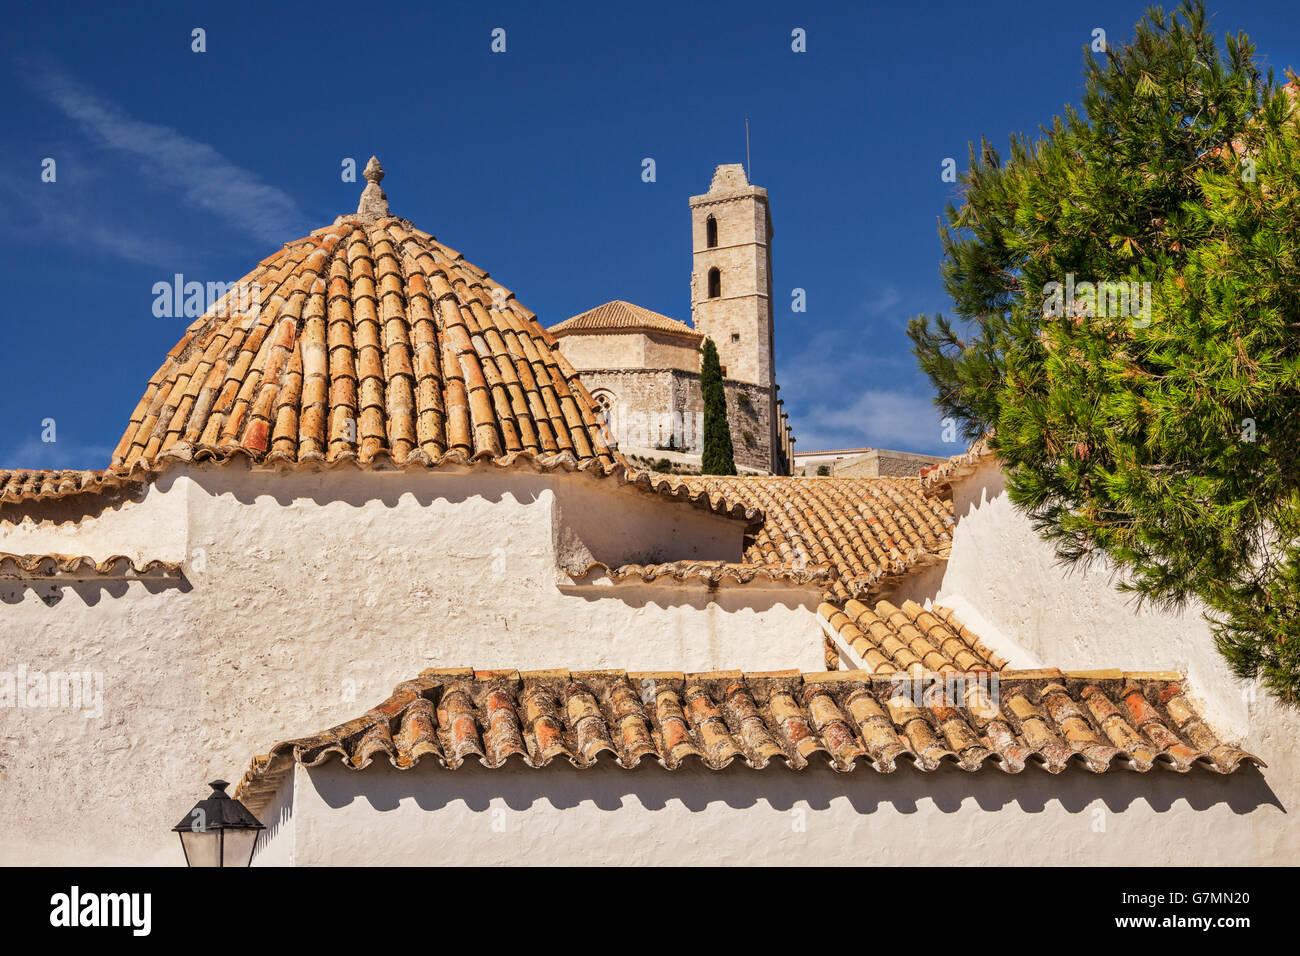 Toits de Dalt Vila, la partie ancienne de la ville d'Ibiza, dominée par la Cathédrale, Ibiza, Espagne. Banque D'Images